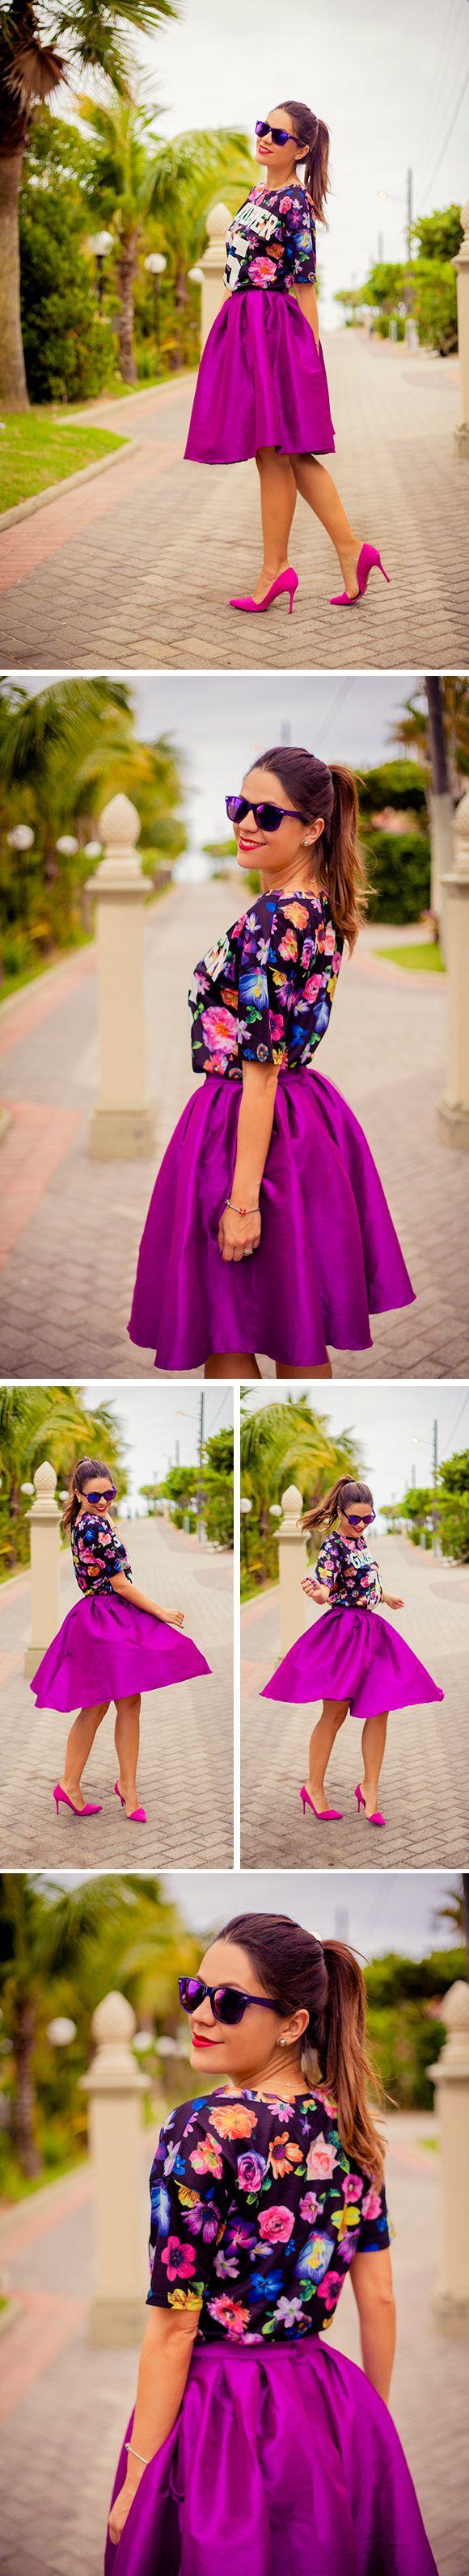 Blog Fofo Chic - Amanda Sasso